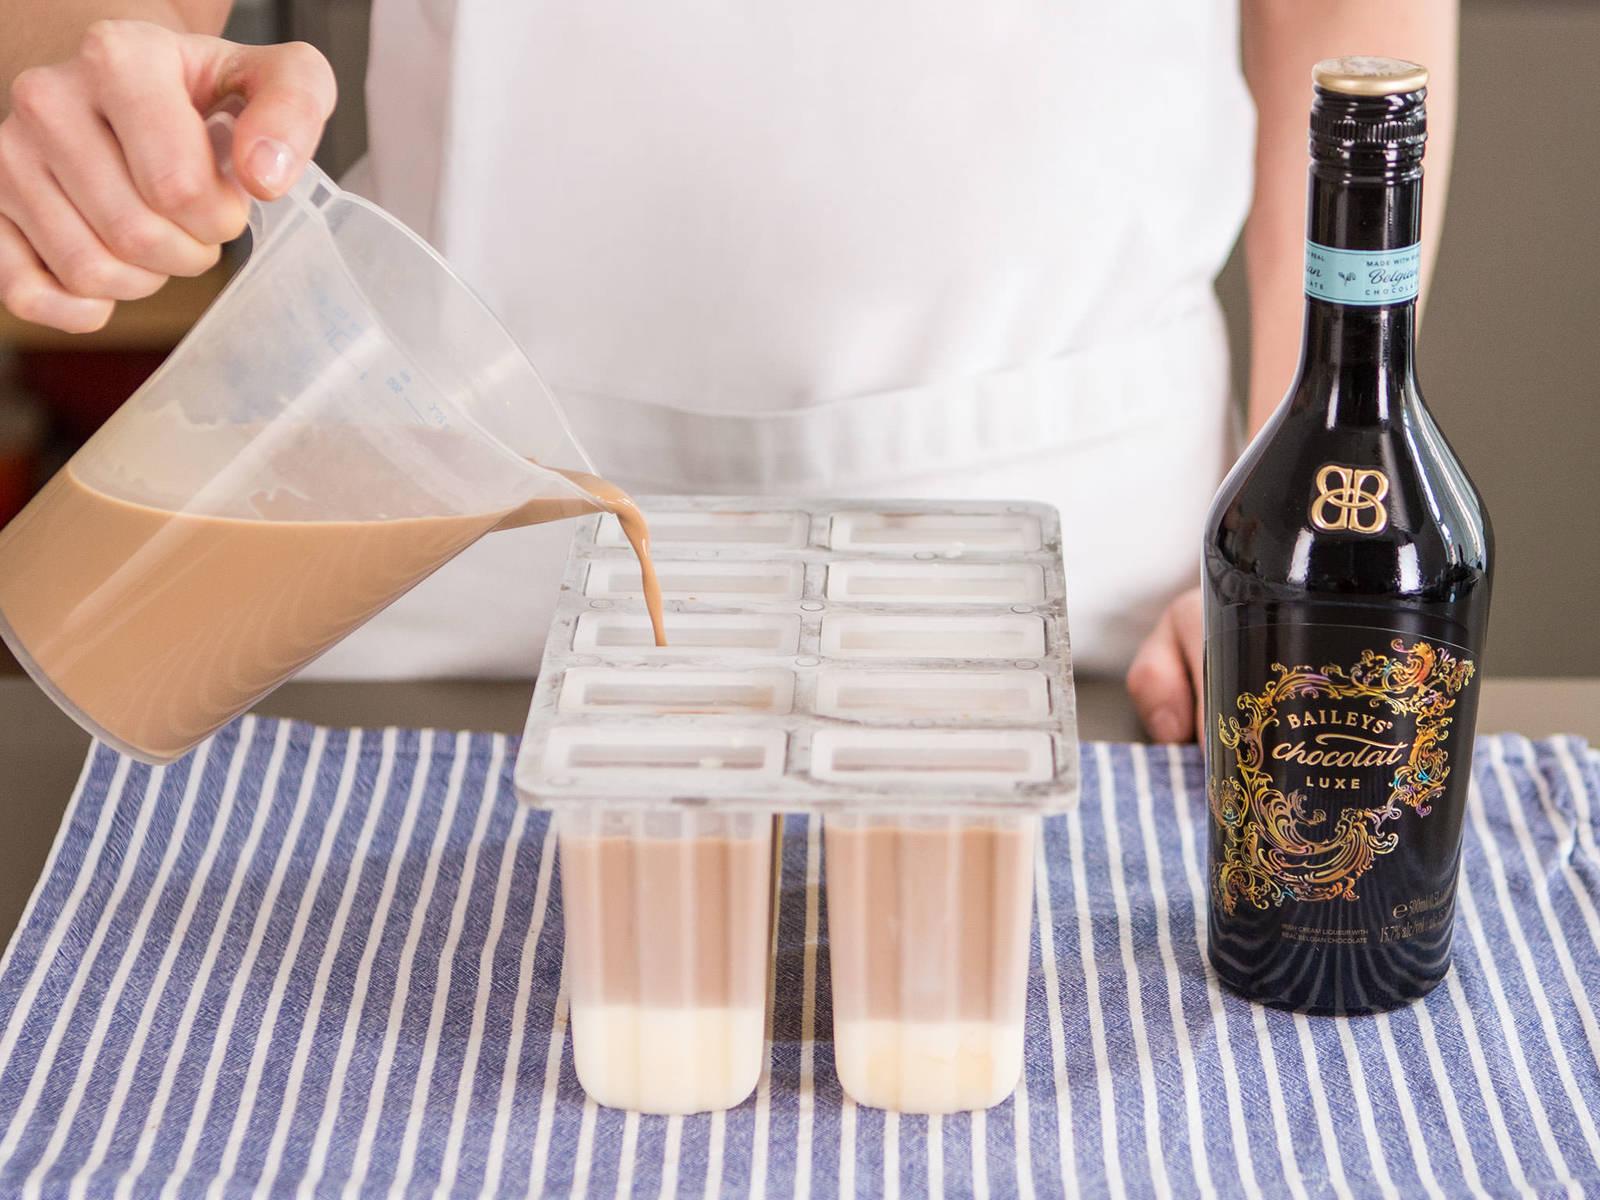 混合咖啡、百利、更多奶油与剩余炼乳混合物。将百利混合物放入冰棒模具中至快满。